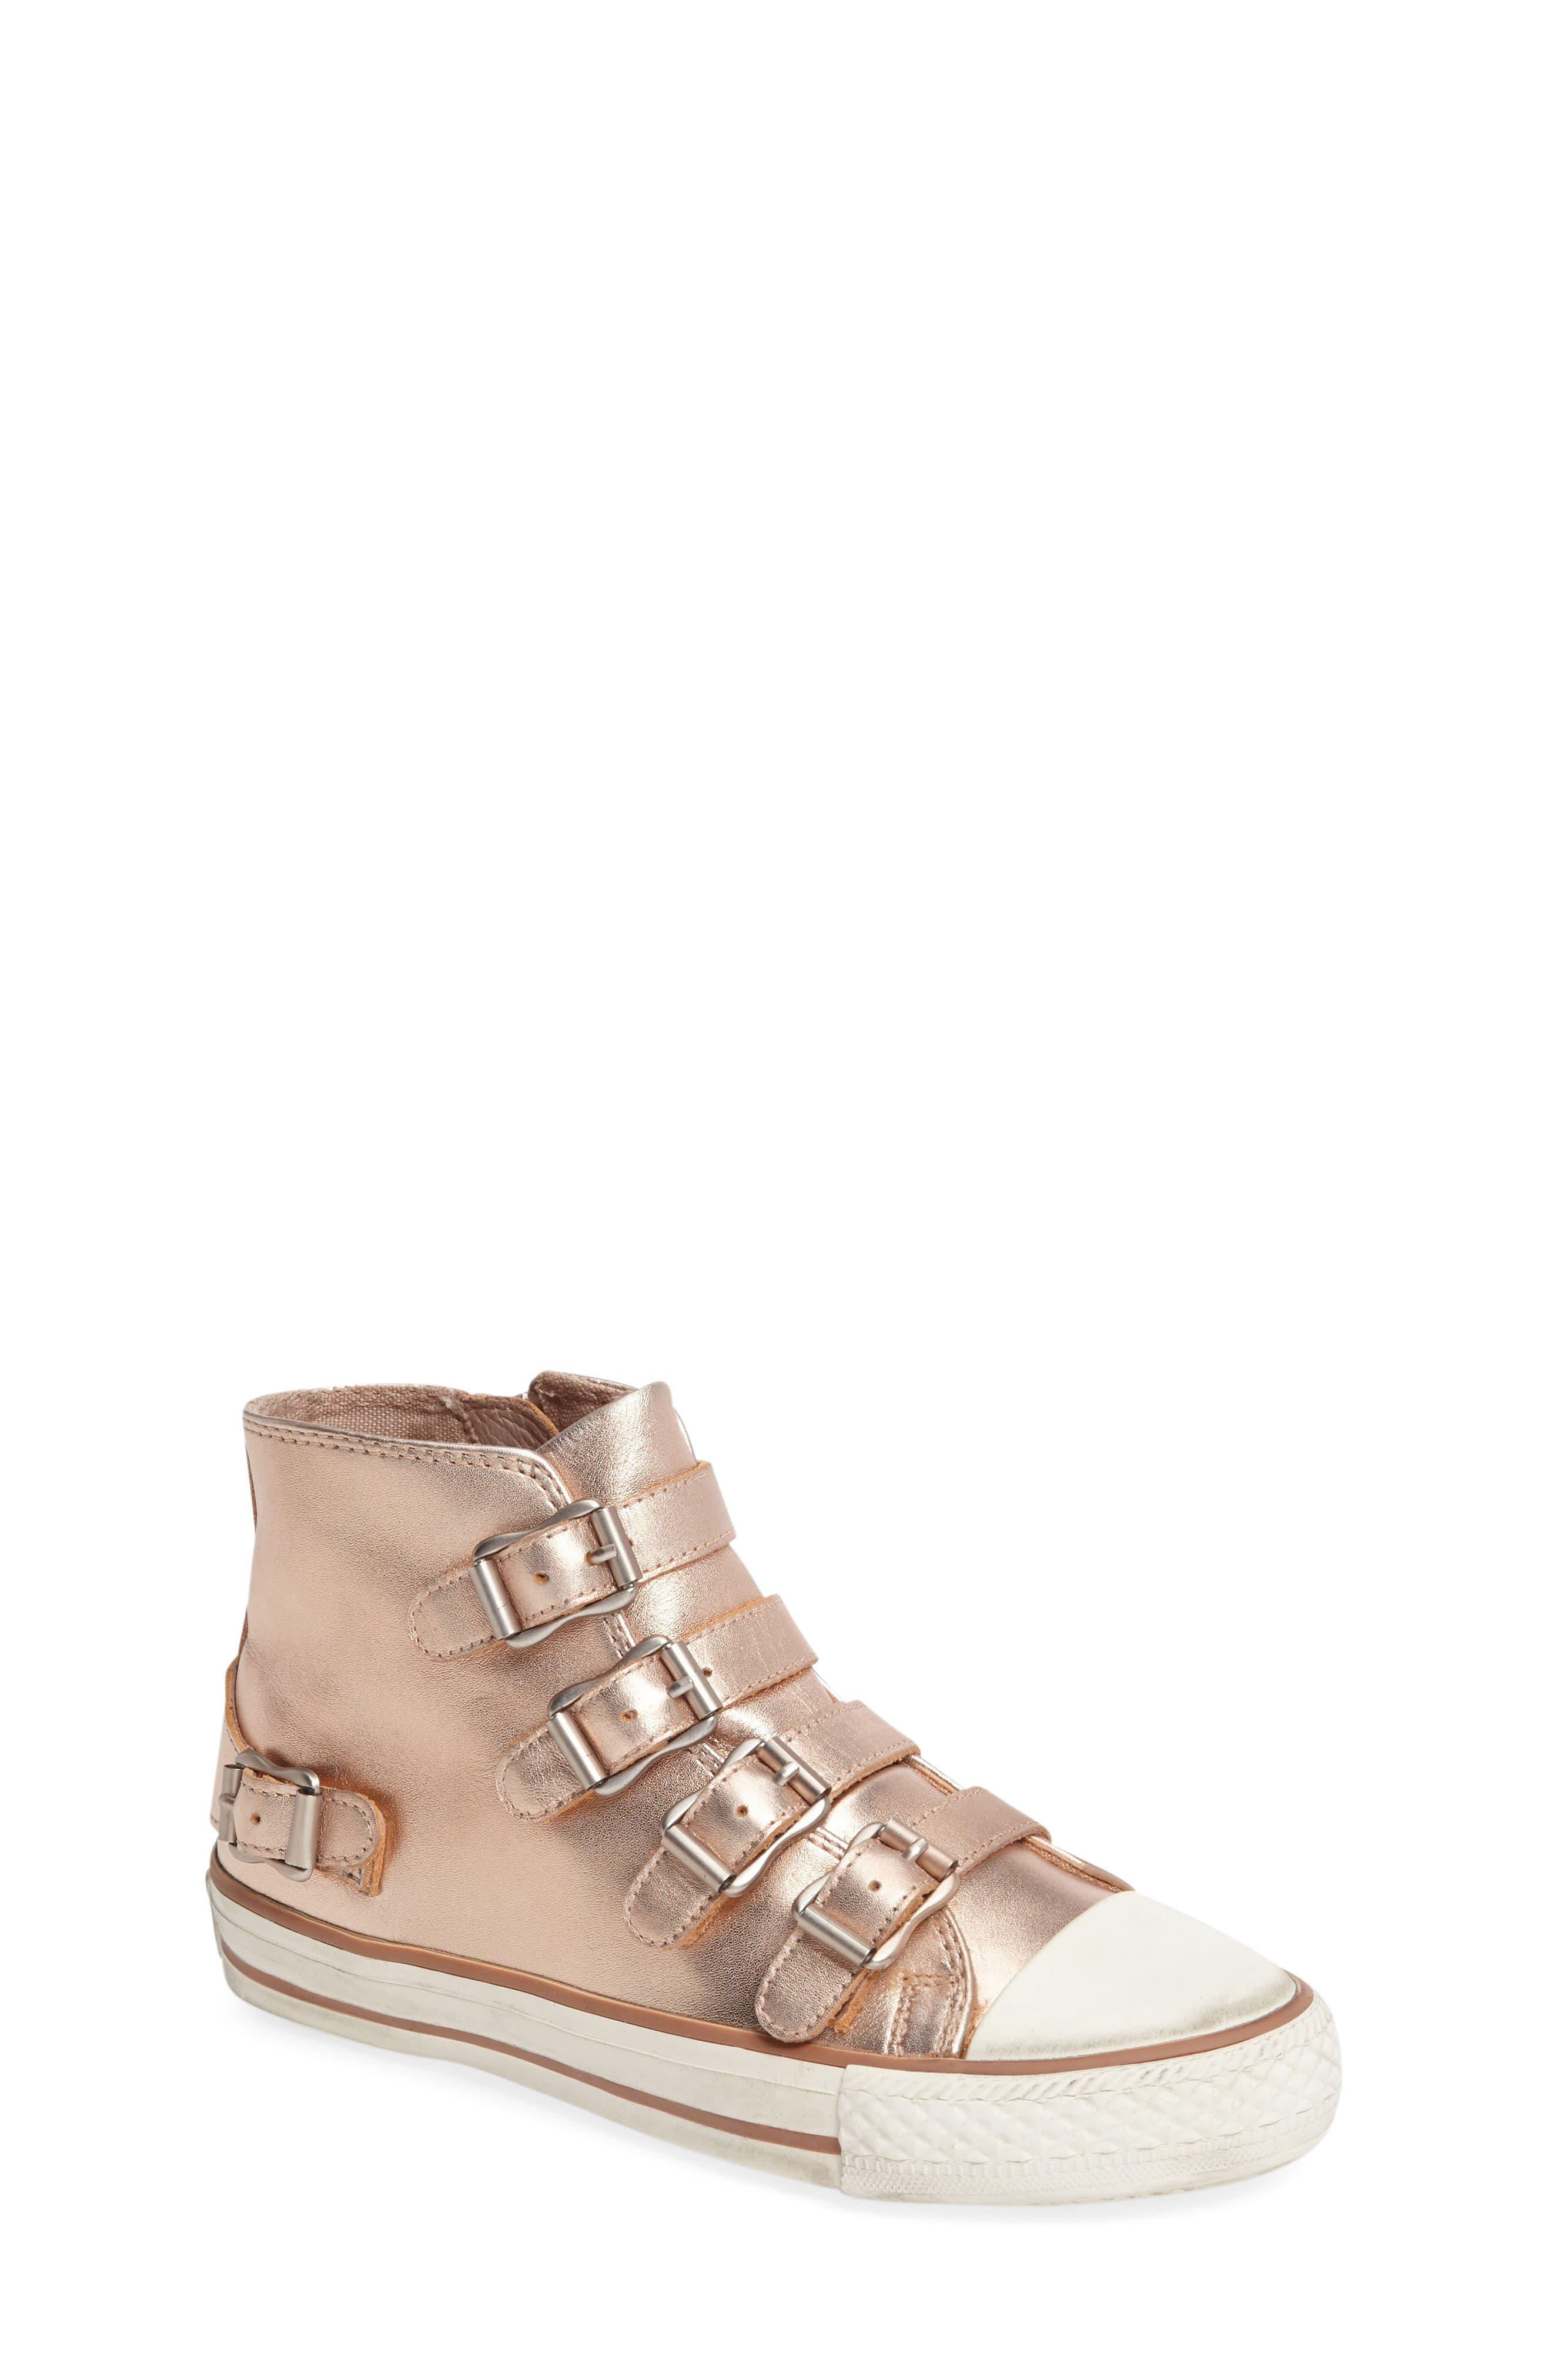 ASH 'Vava' Sneaker